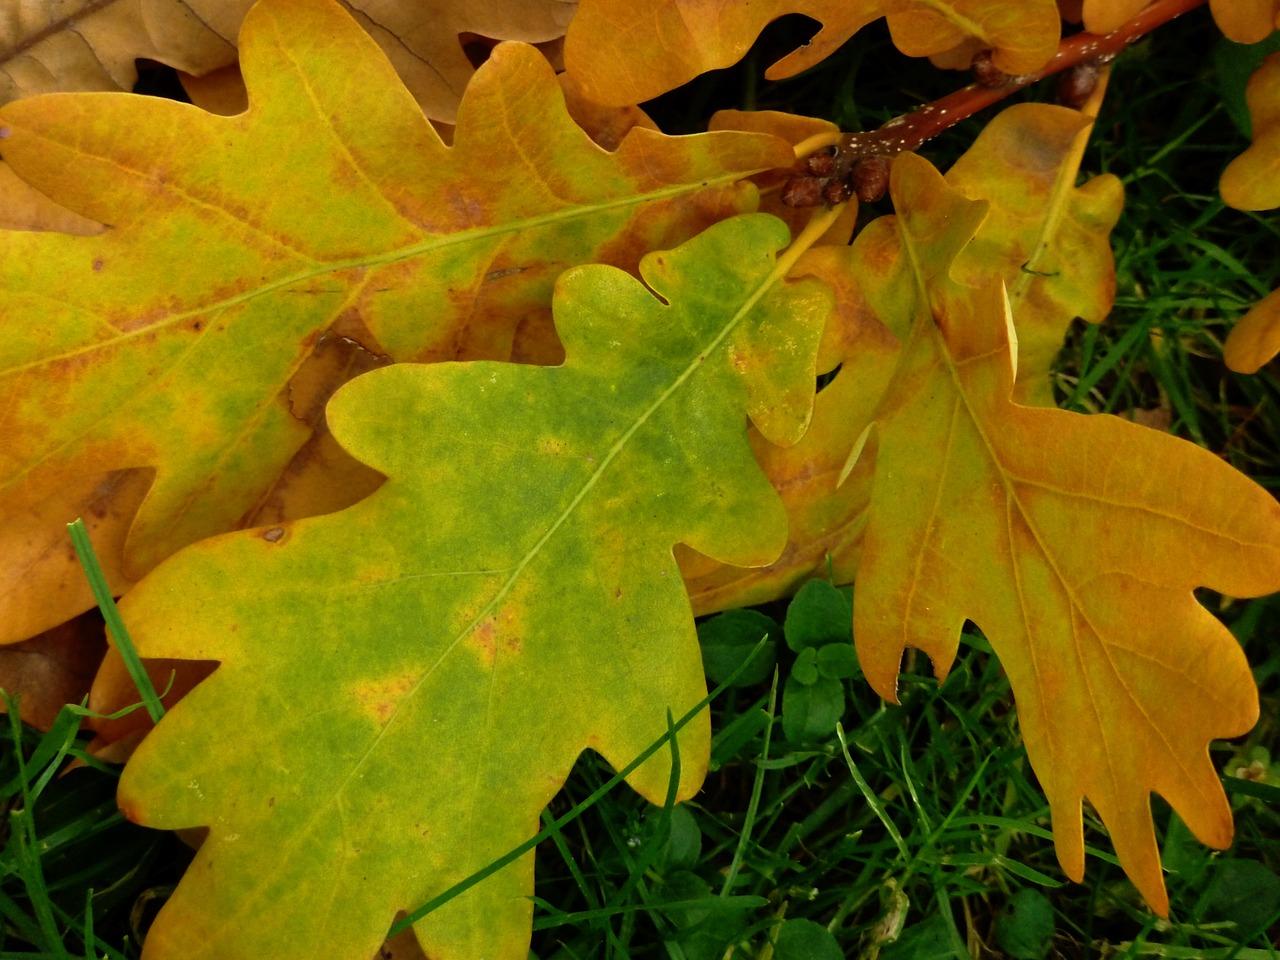 Правила фотографирования через листву стремятся